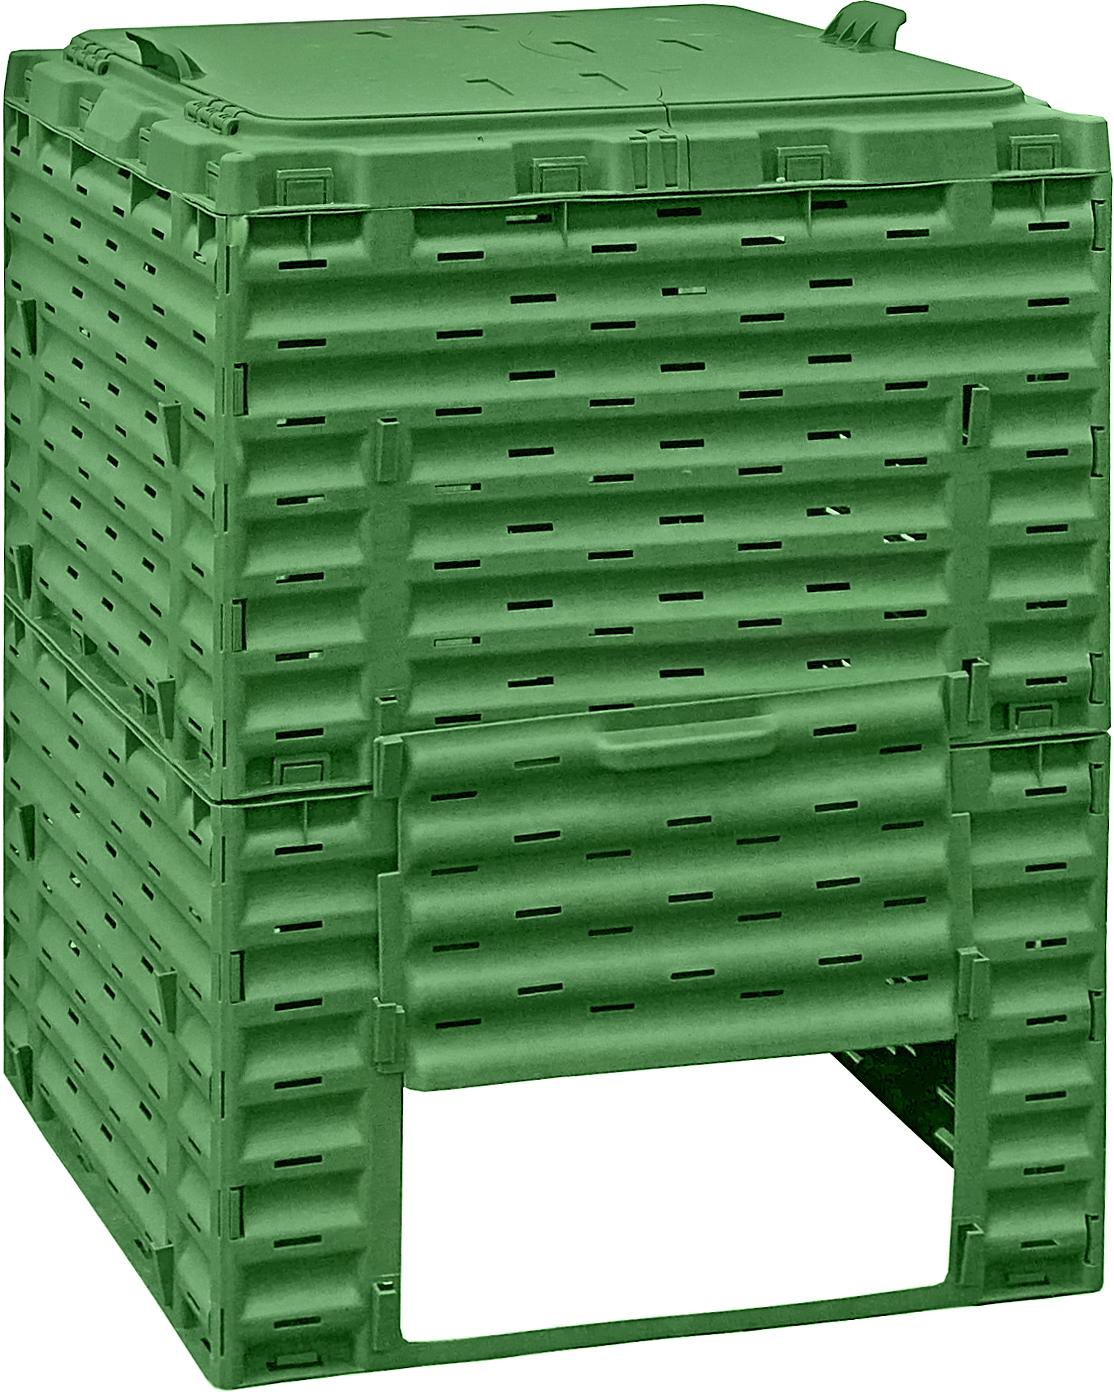 Расширитель садового компостера Piteco, цвет: зеленый, 300 л биотуалет piteco 905